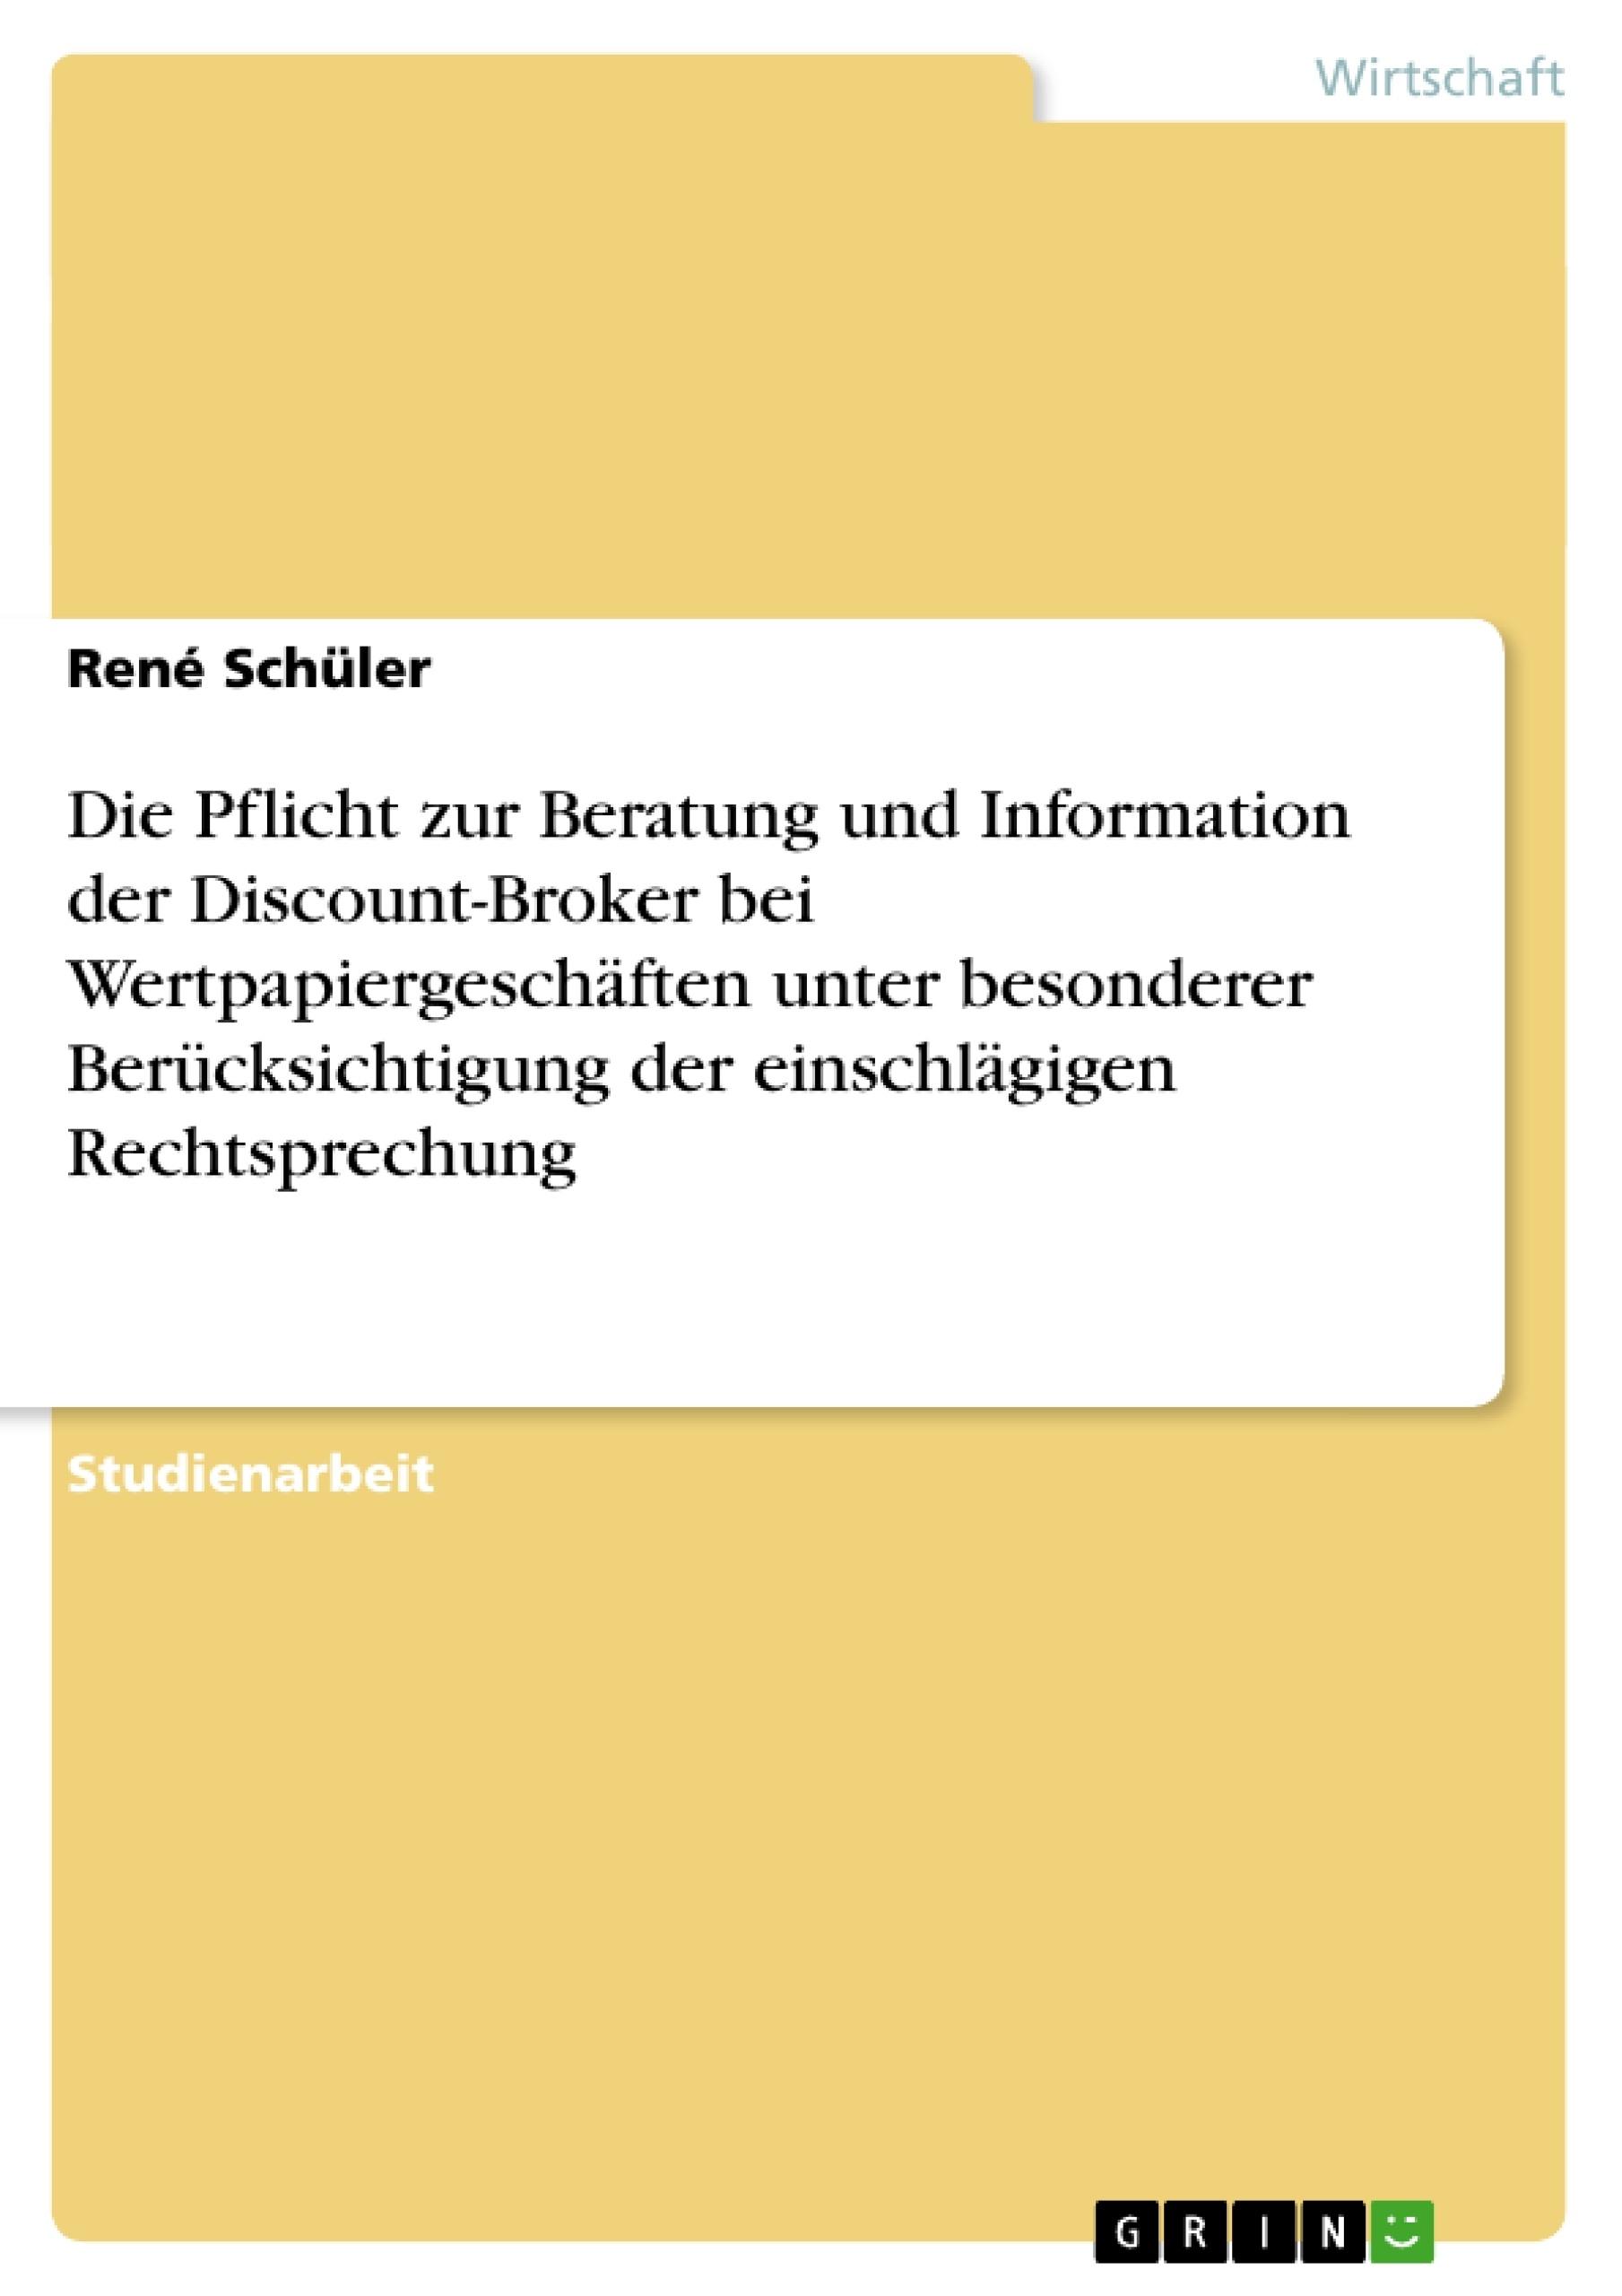 Titel: Die Pflicht zur Beratung und Information der Discount-Broker bei Wertpapiergeschäften unter besonderer Berücksichtigung der einschlägigen Rechtsprechung